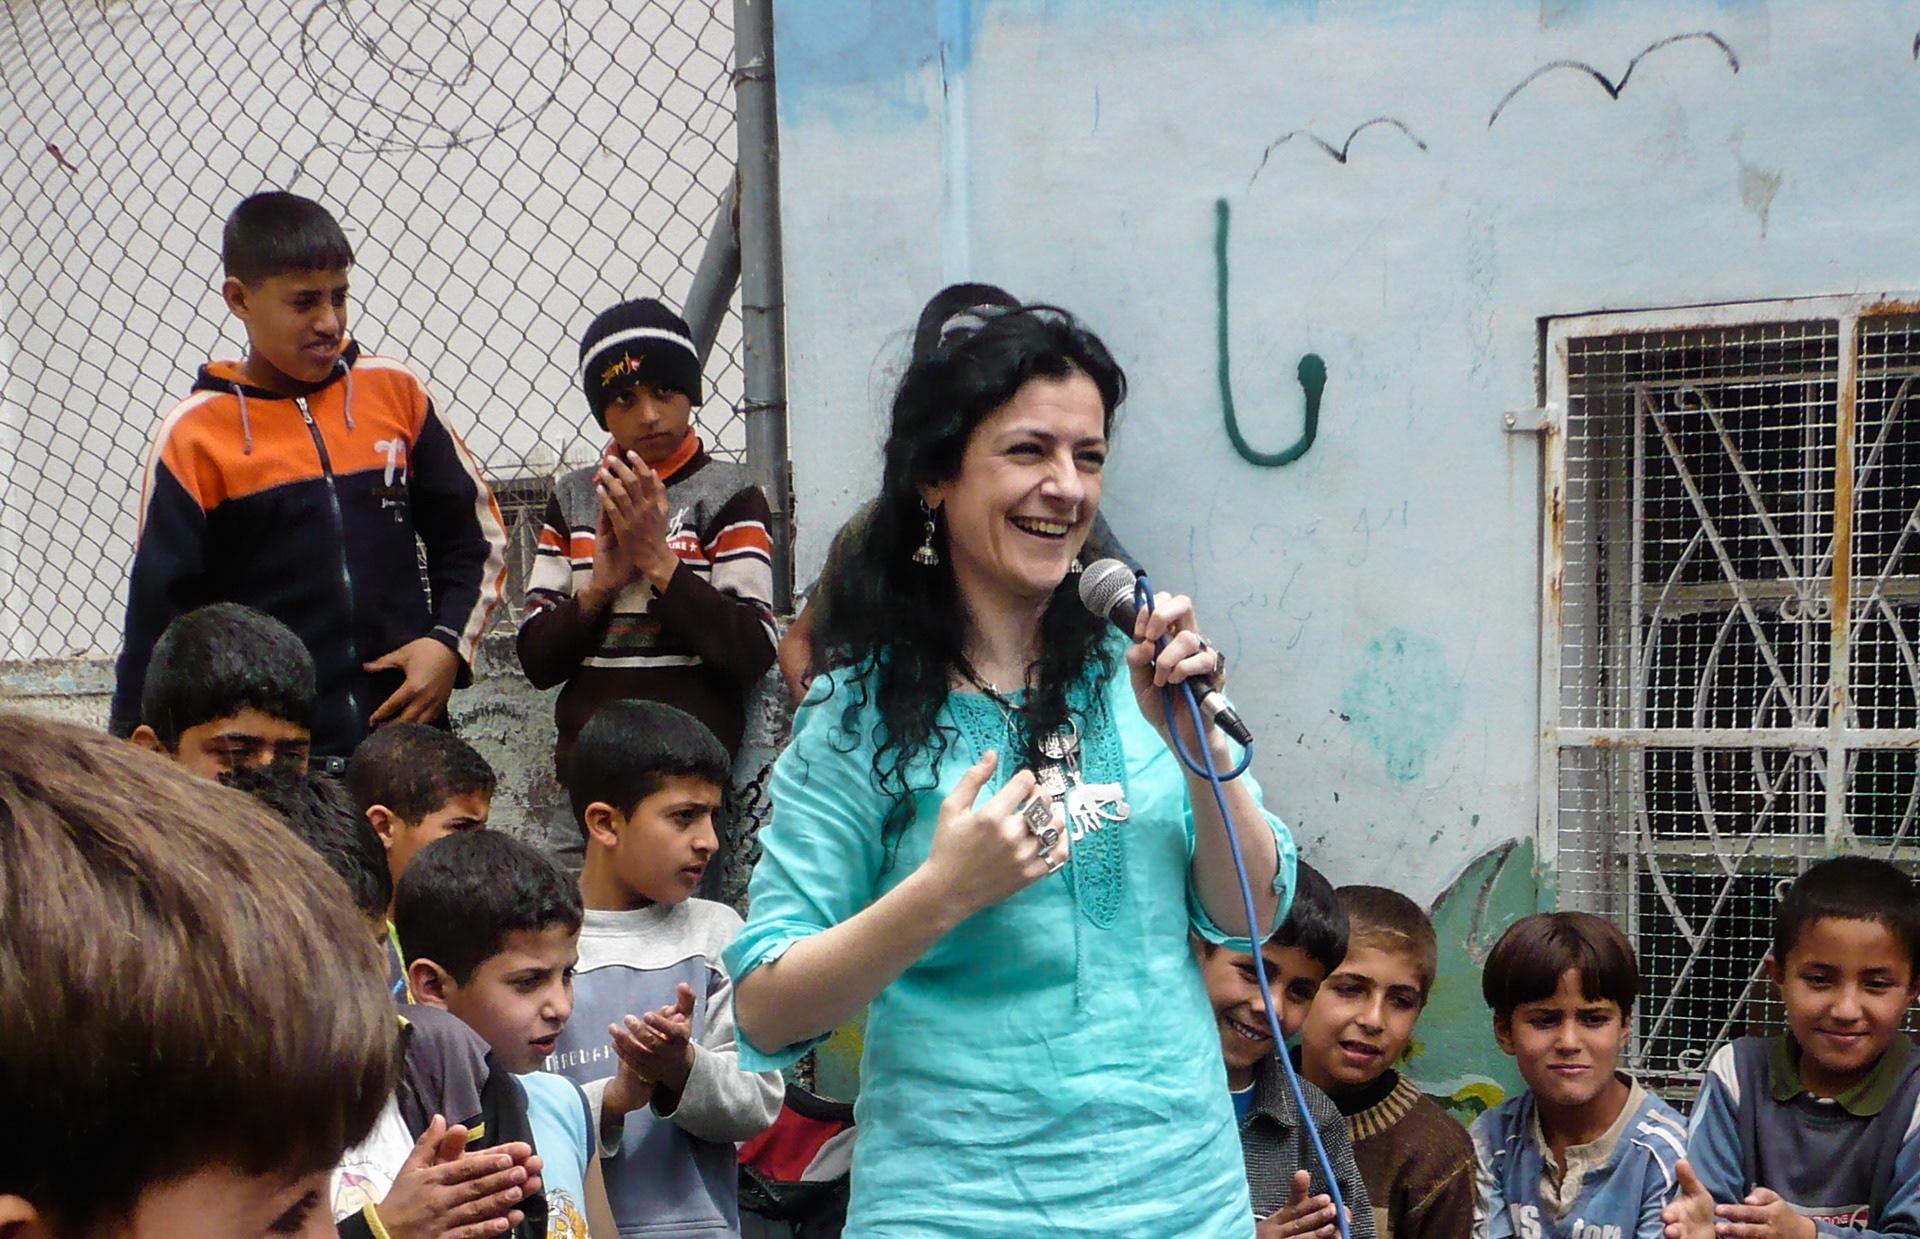 ريم بنّا... التعبير عن حقيقة الواقع بصوتها وأغانيها